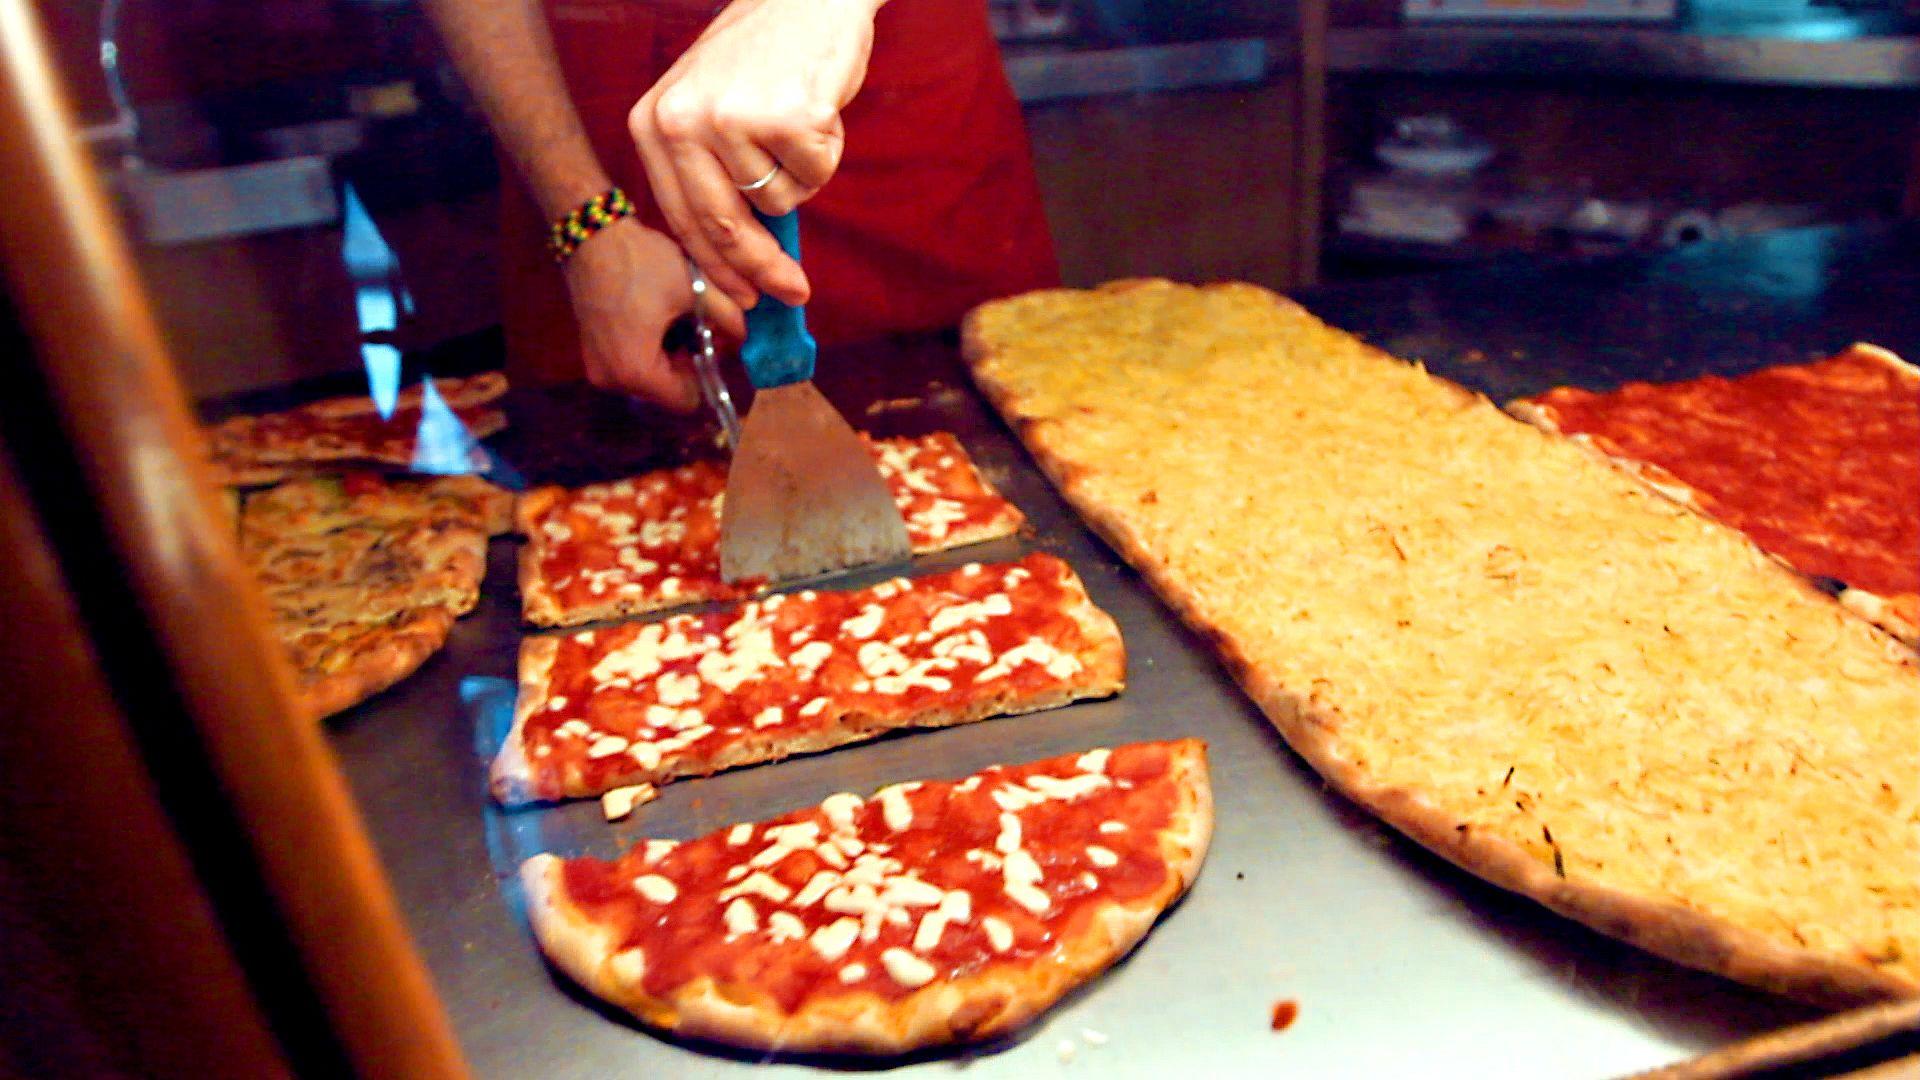 Chef cuts Pizza in a Roman Pizzeria